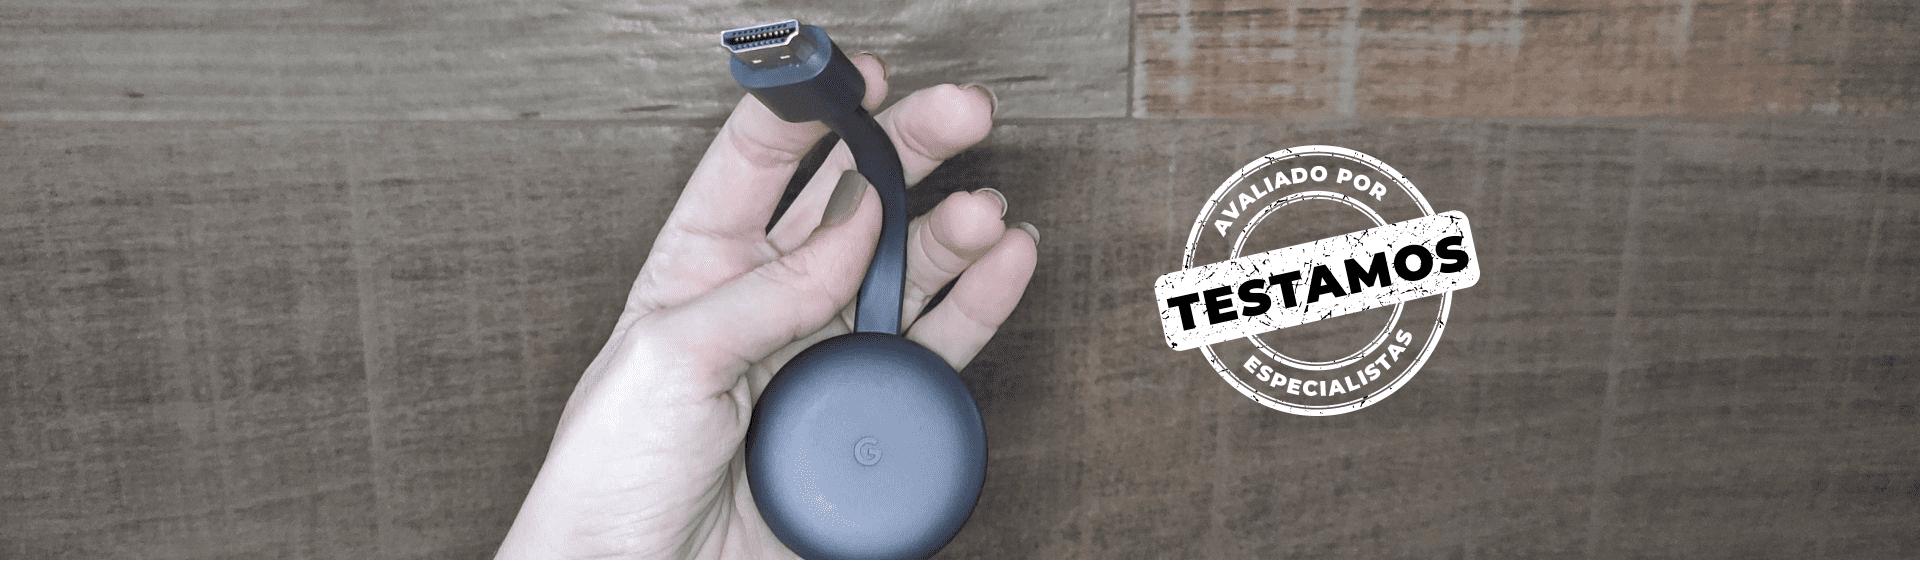 Chromecast 3ª geração: bom custo-benefício, mas depende de celular